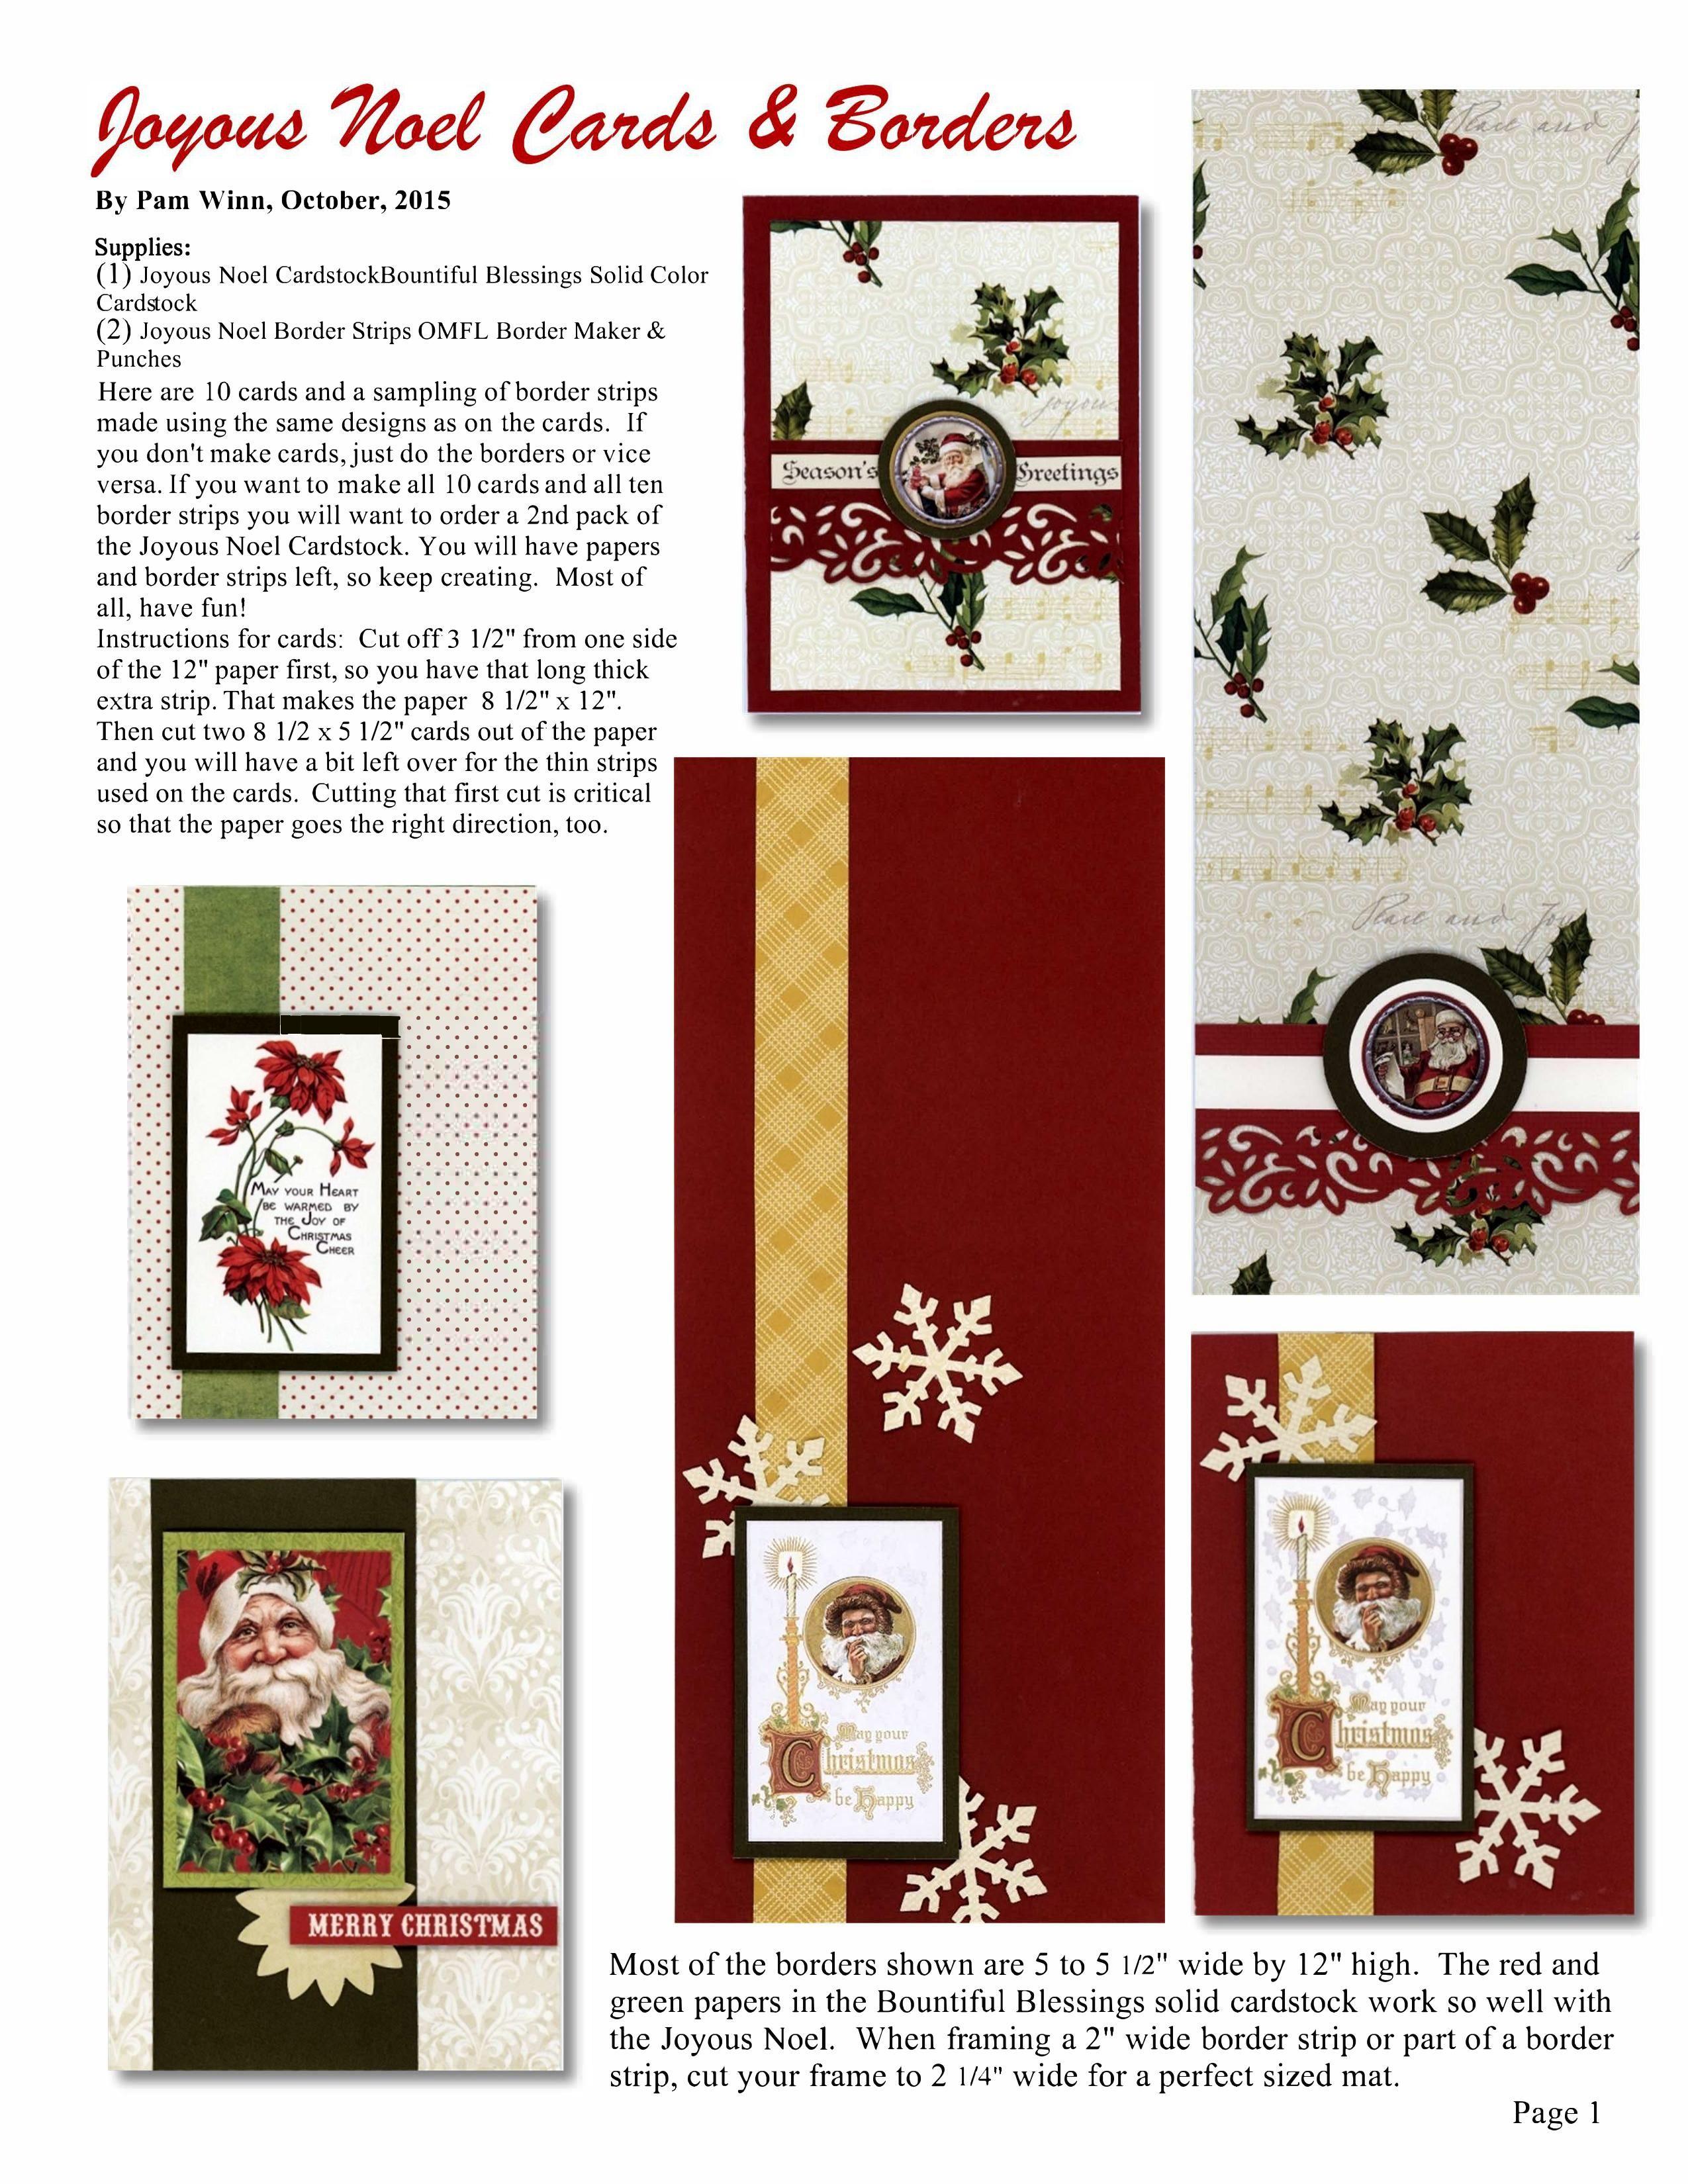 Delightful Card Making Ideas Pdf Part - 12: JOYOUS NOEL Cards U0026 Borders By Pam Winn (p. 1) - Click On